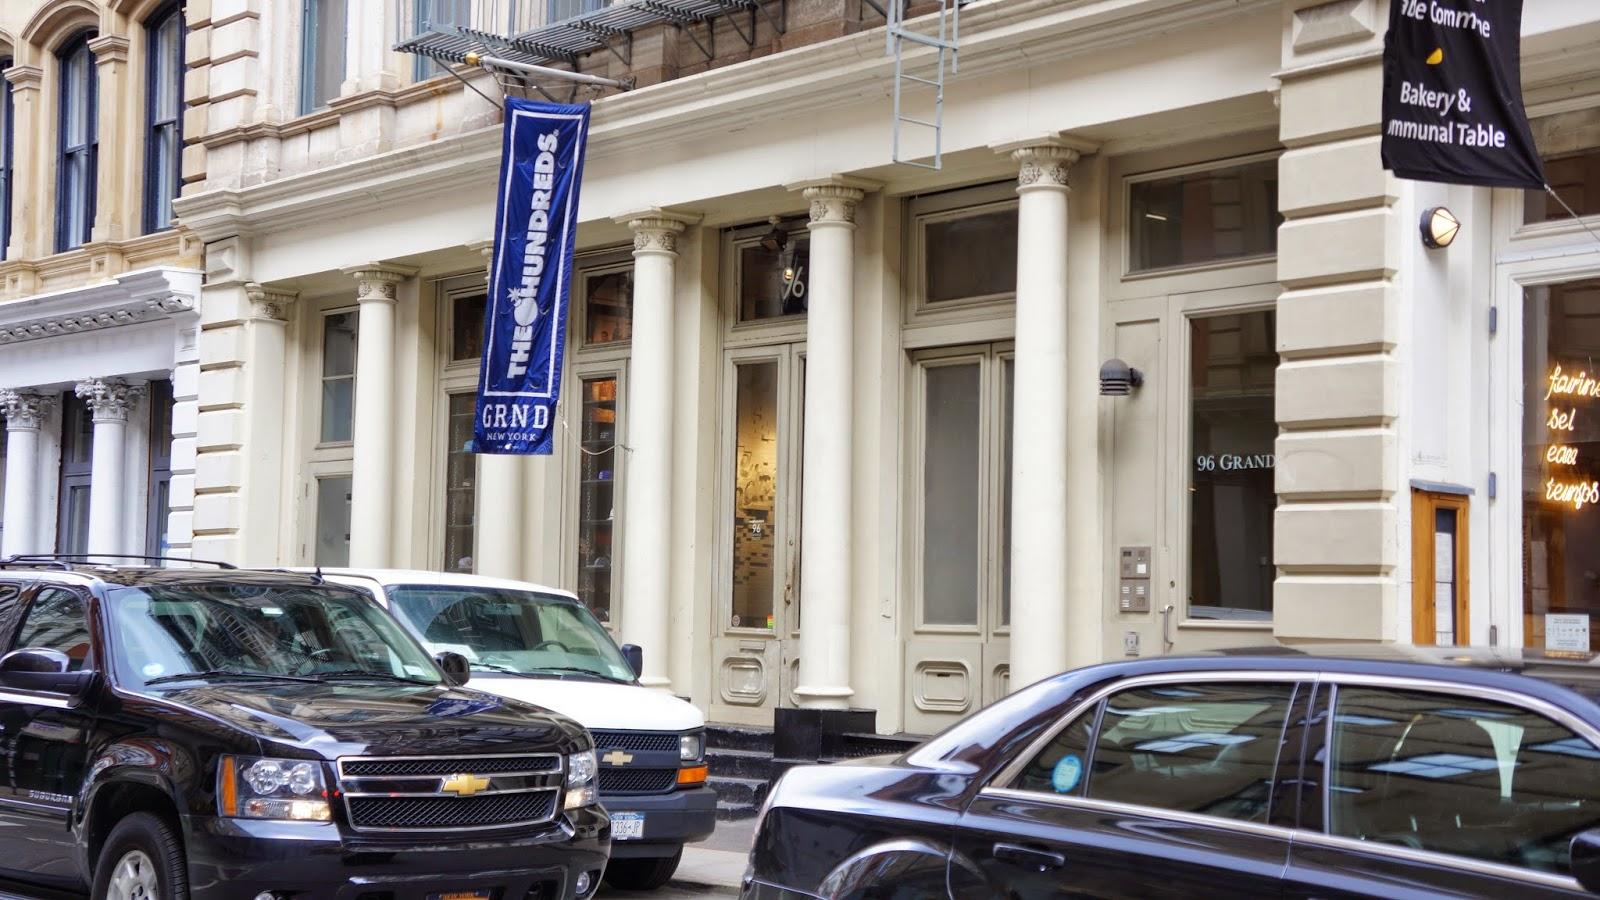 guia de compras nyc the hundreds 1 - Guia de compras: Nova Iorque (Parte 2)